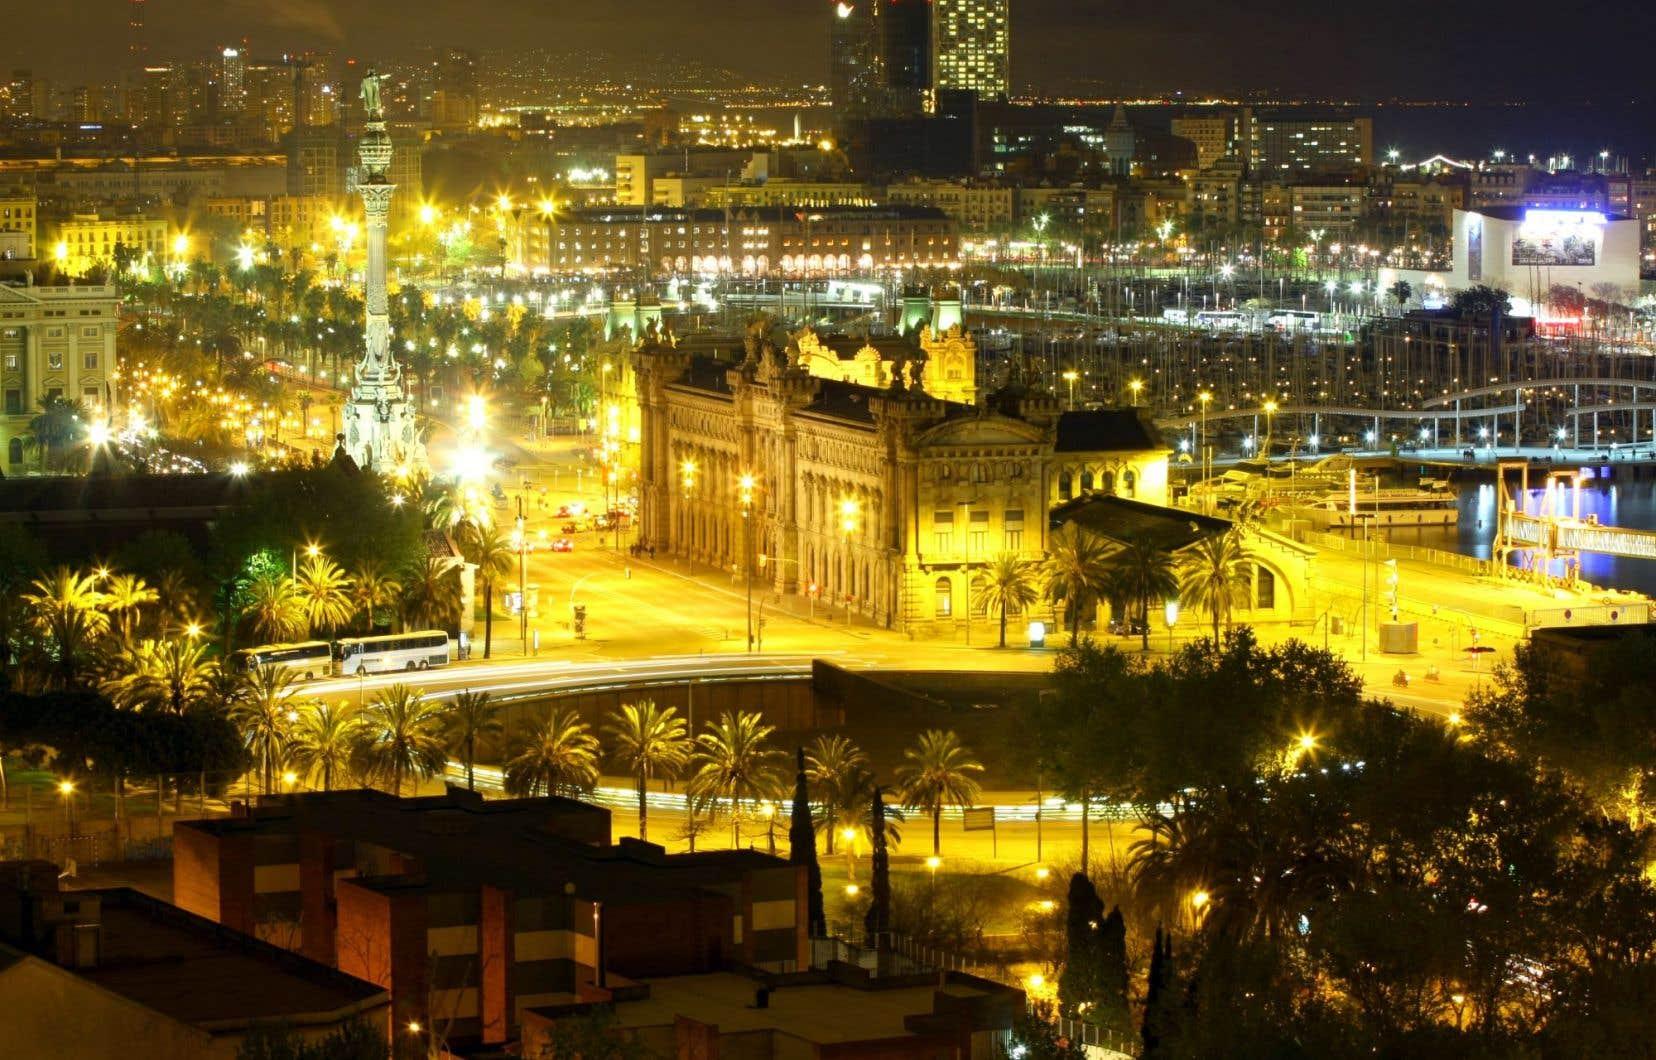 La ville de Barcelone la nuit